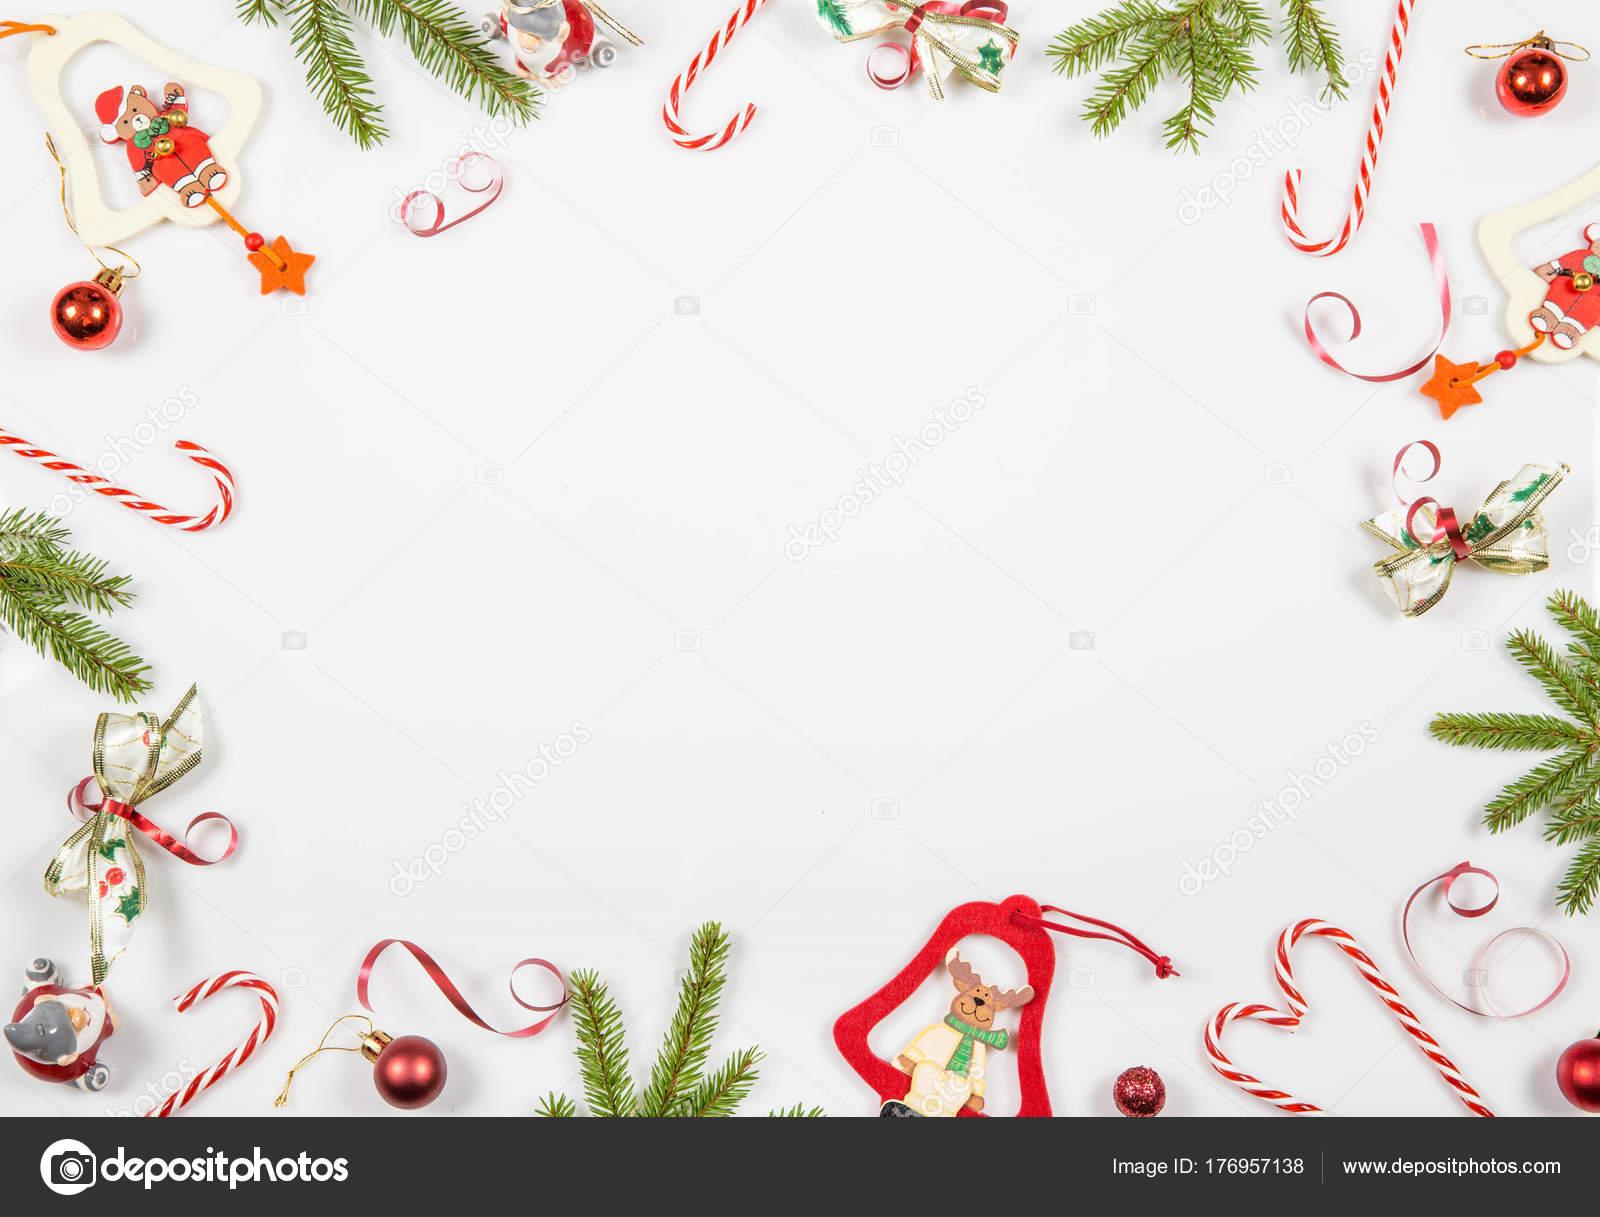 Dibujos De Navidad Creativos.Composicion De Vacaciones De Navidad Festivos Dibujos